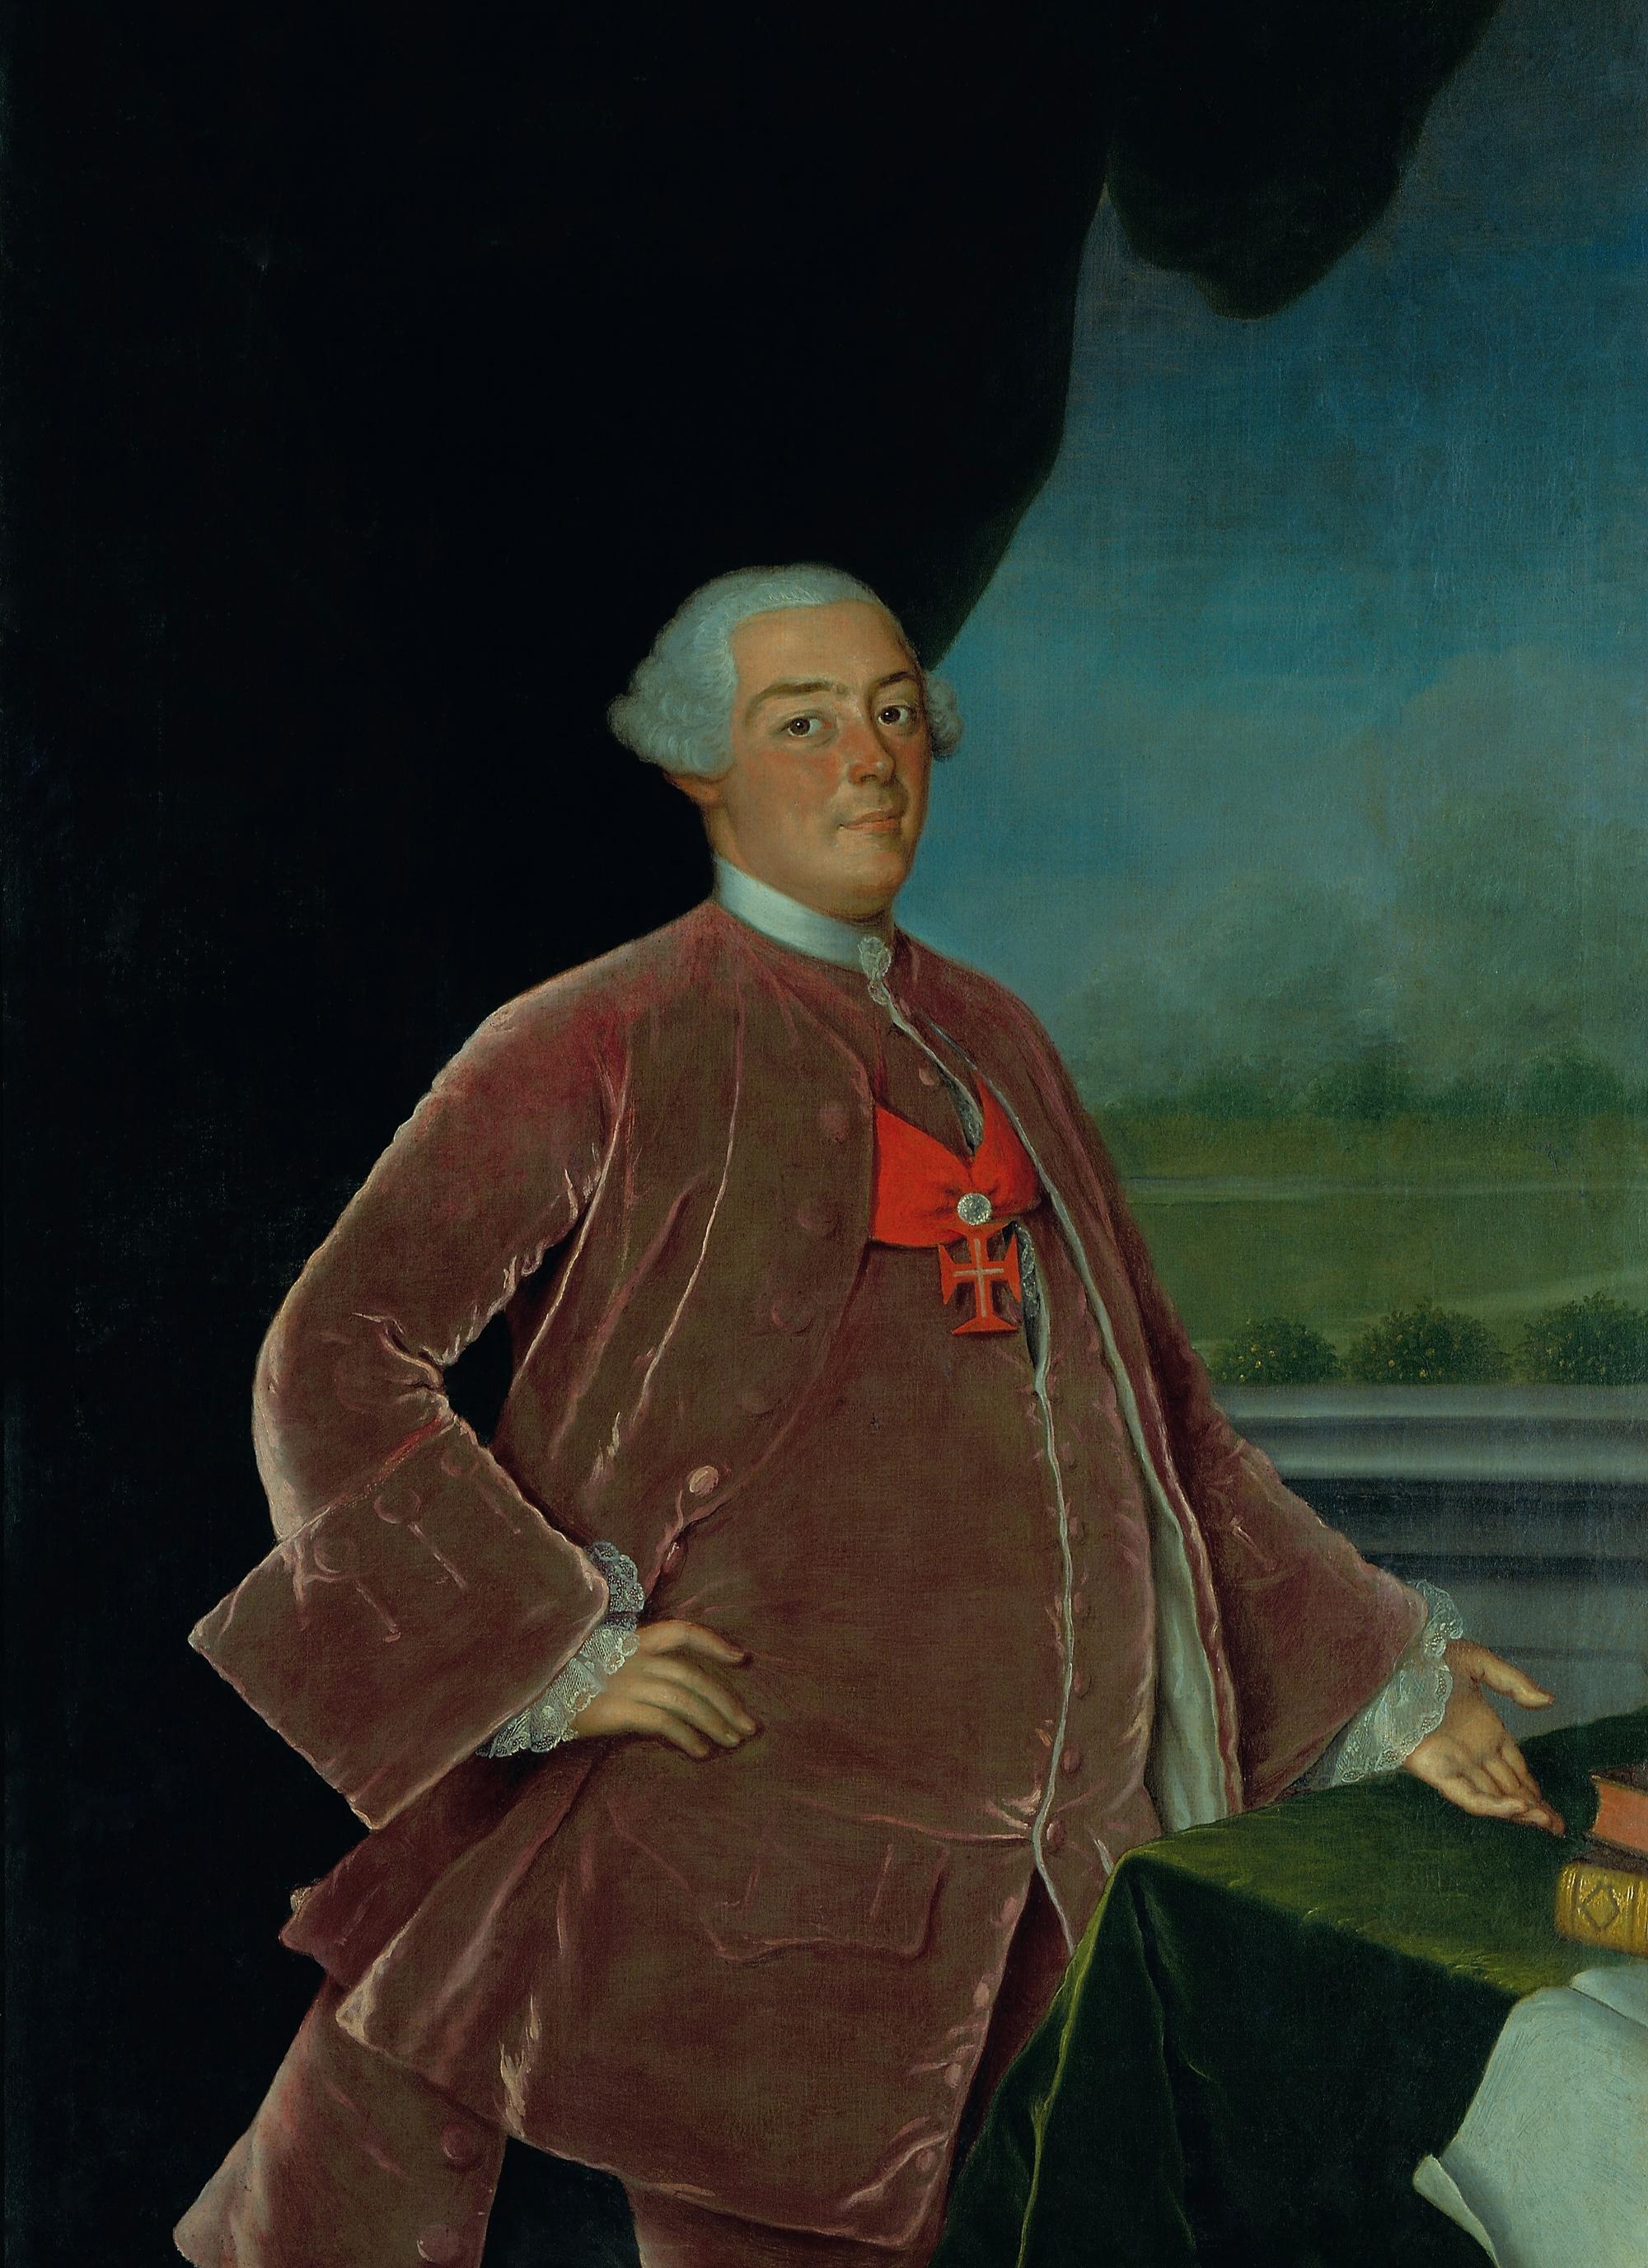 Infante D. Pedro de Bragança, Duque de Beja, Grão-prior do Crato e 3º Senhor da Casa do Infantado. 1742-1786.